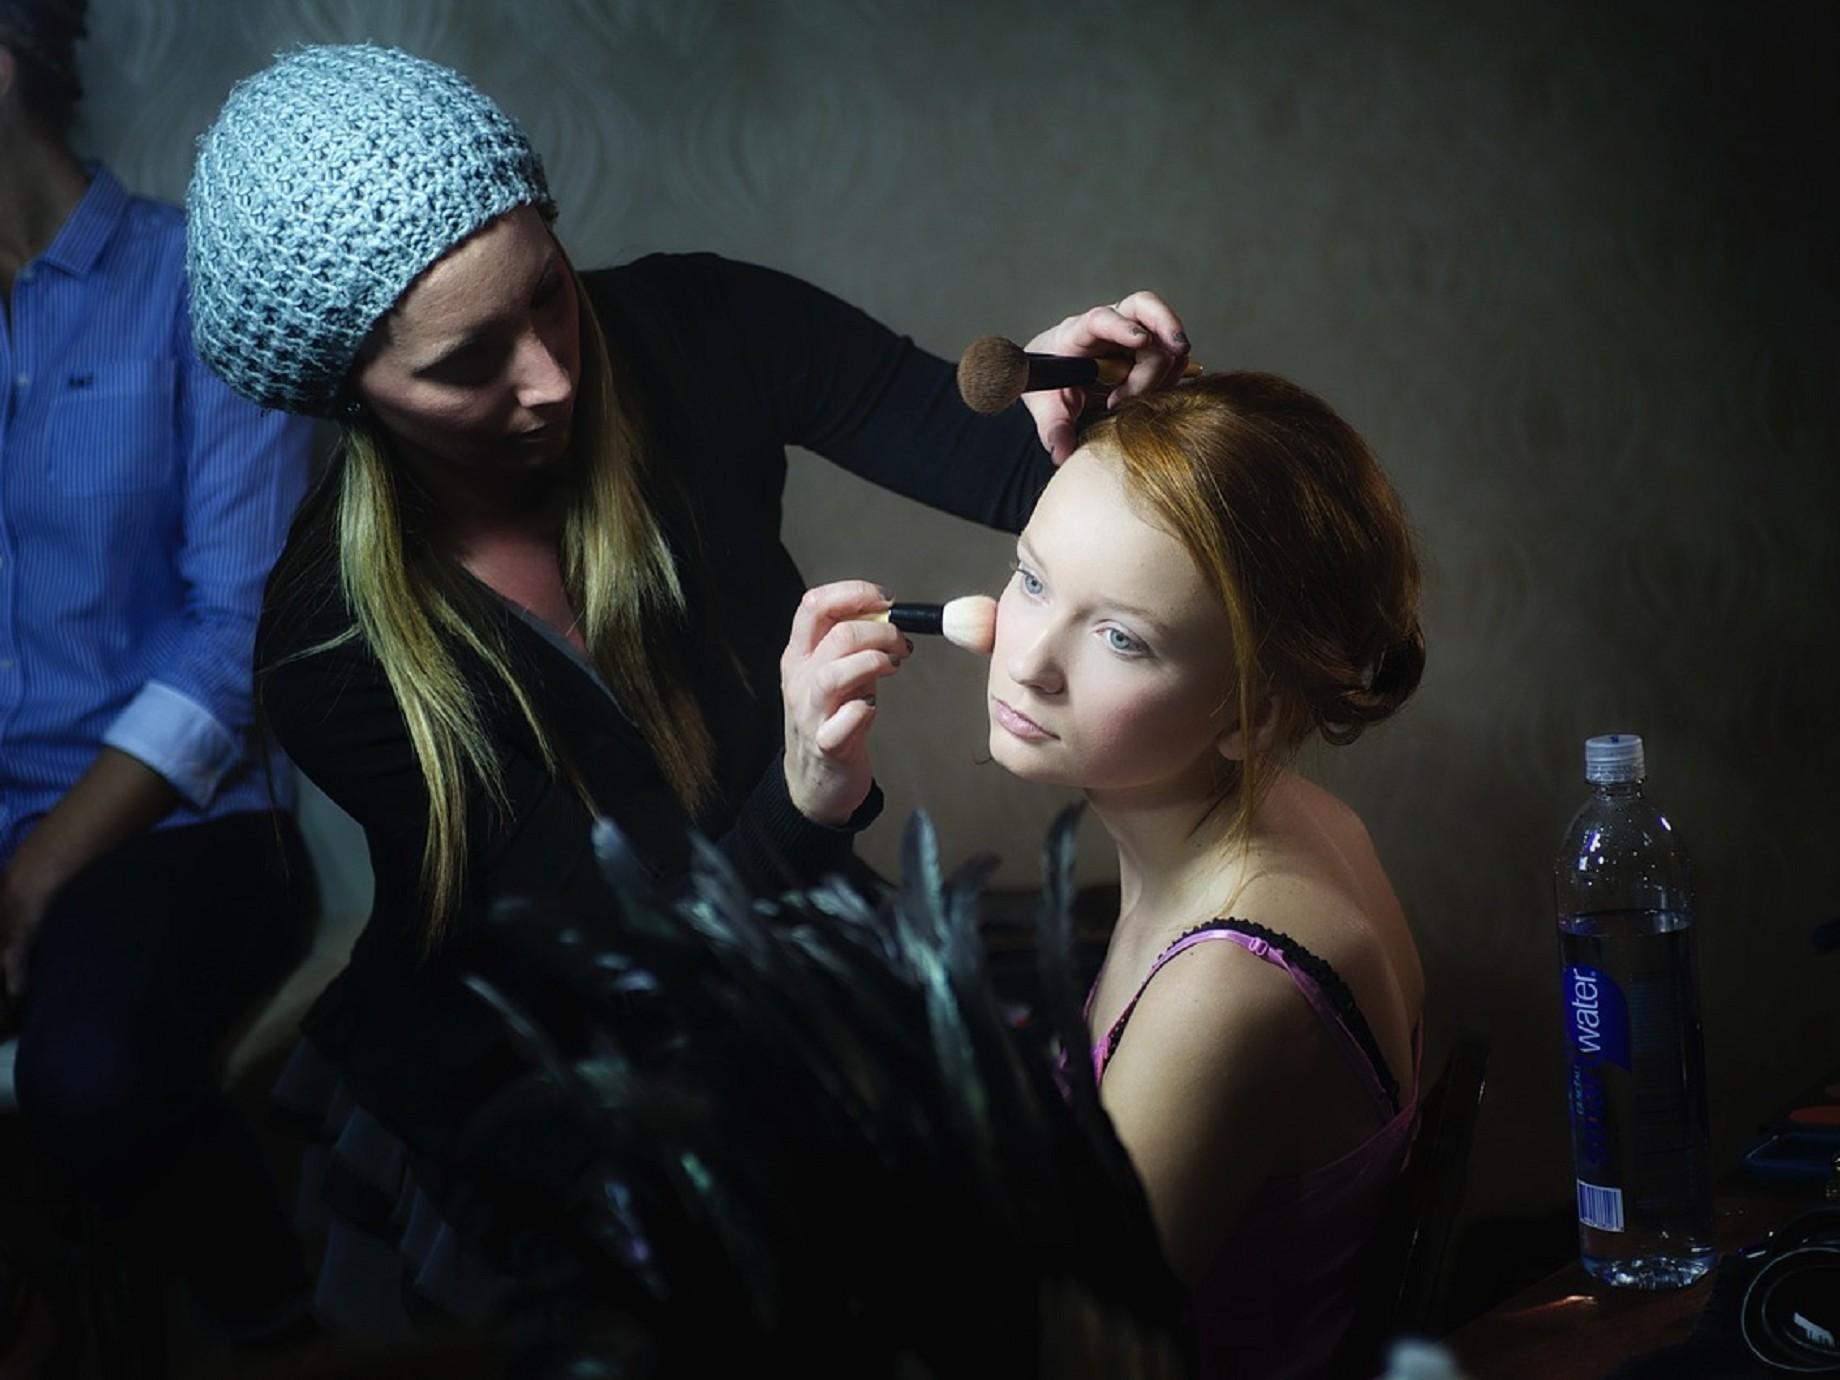 化妝品業做跨境電商的春天到來?進入中國遇到的美麗與哀愁